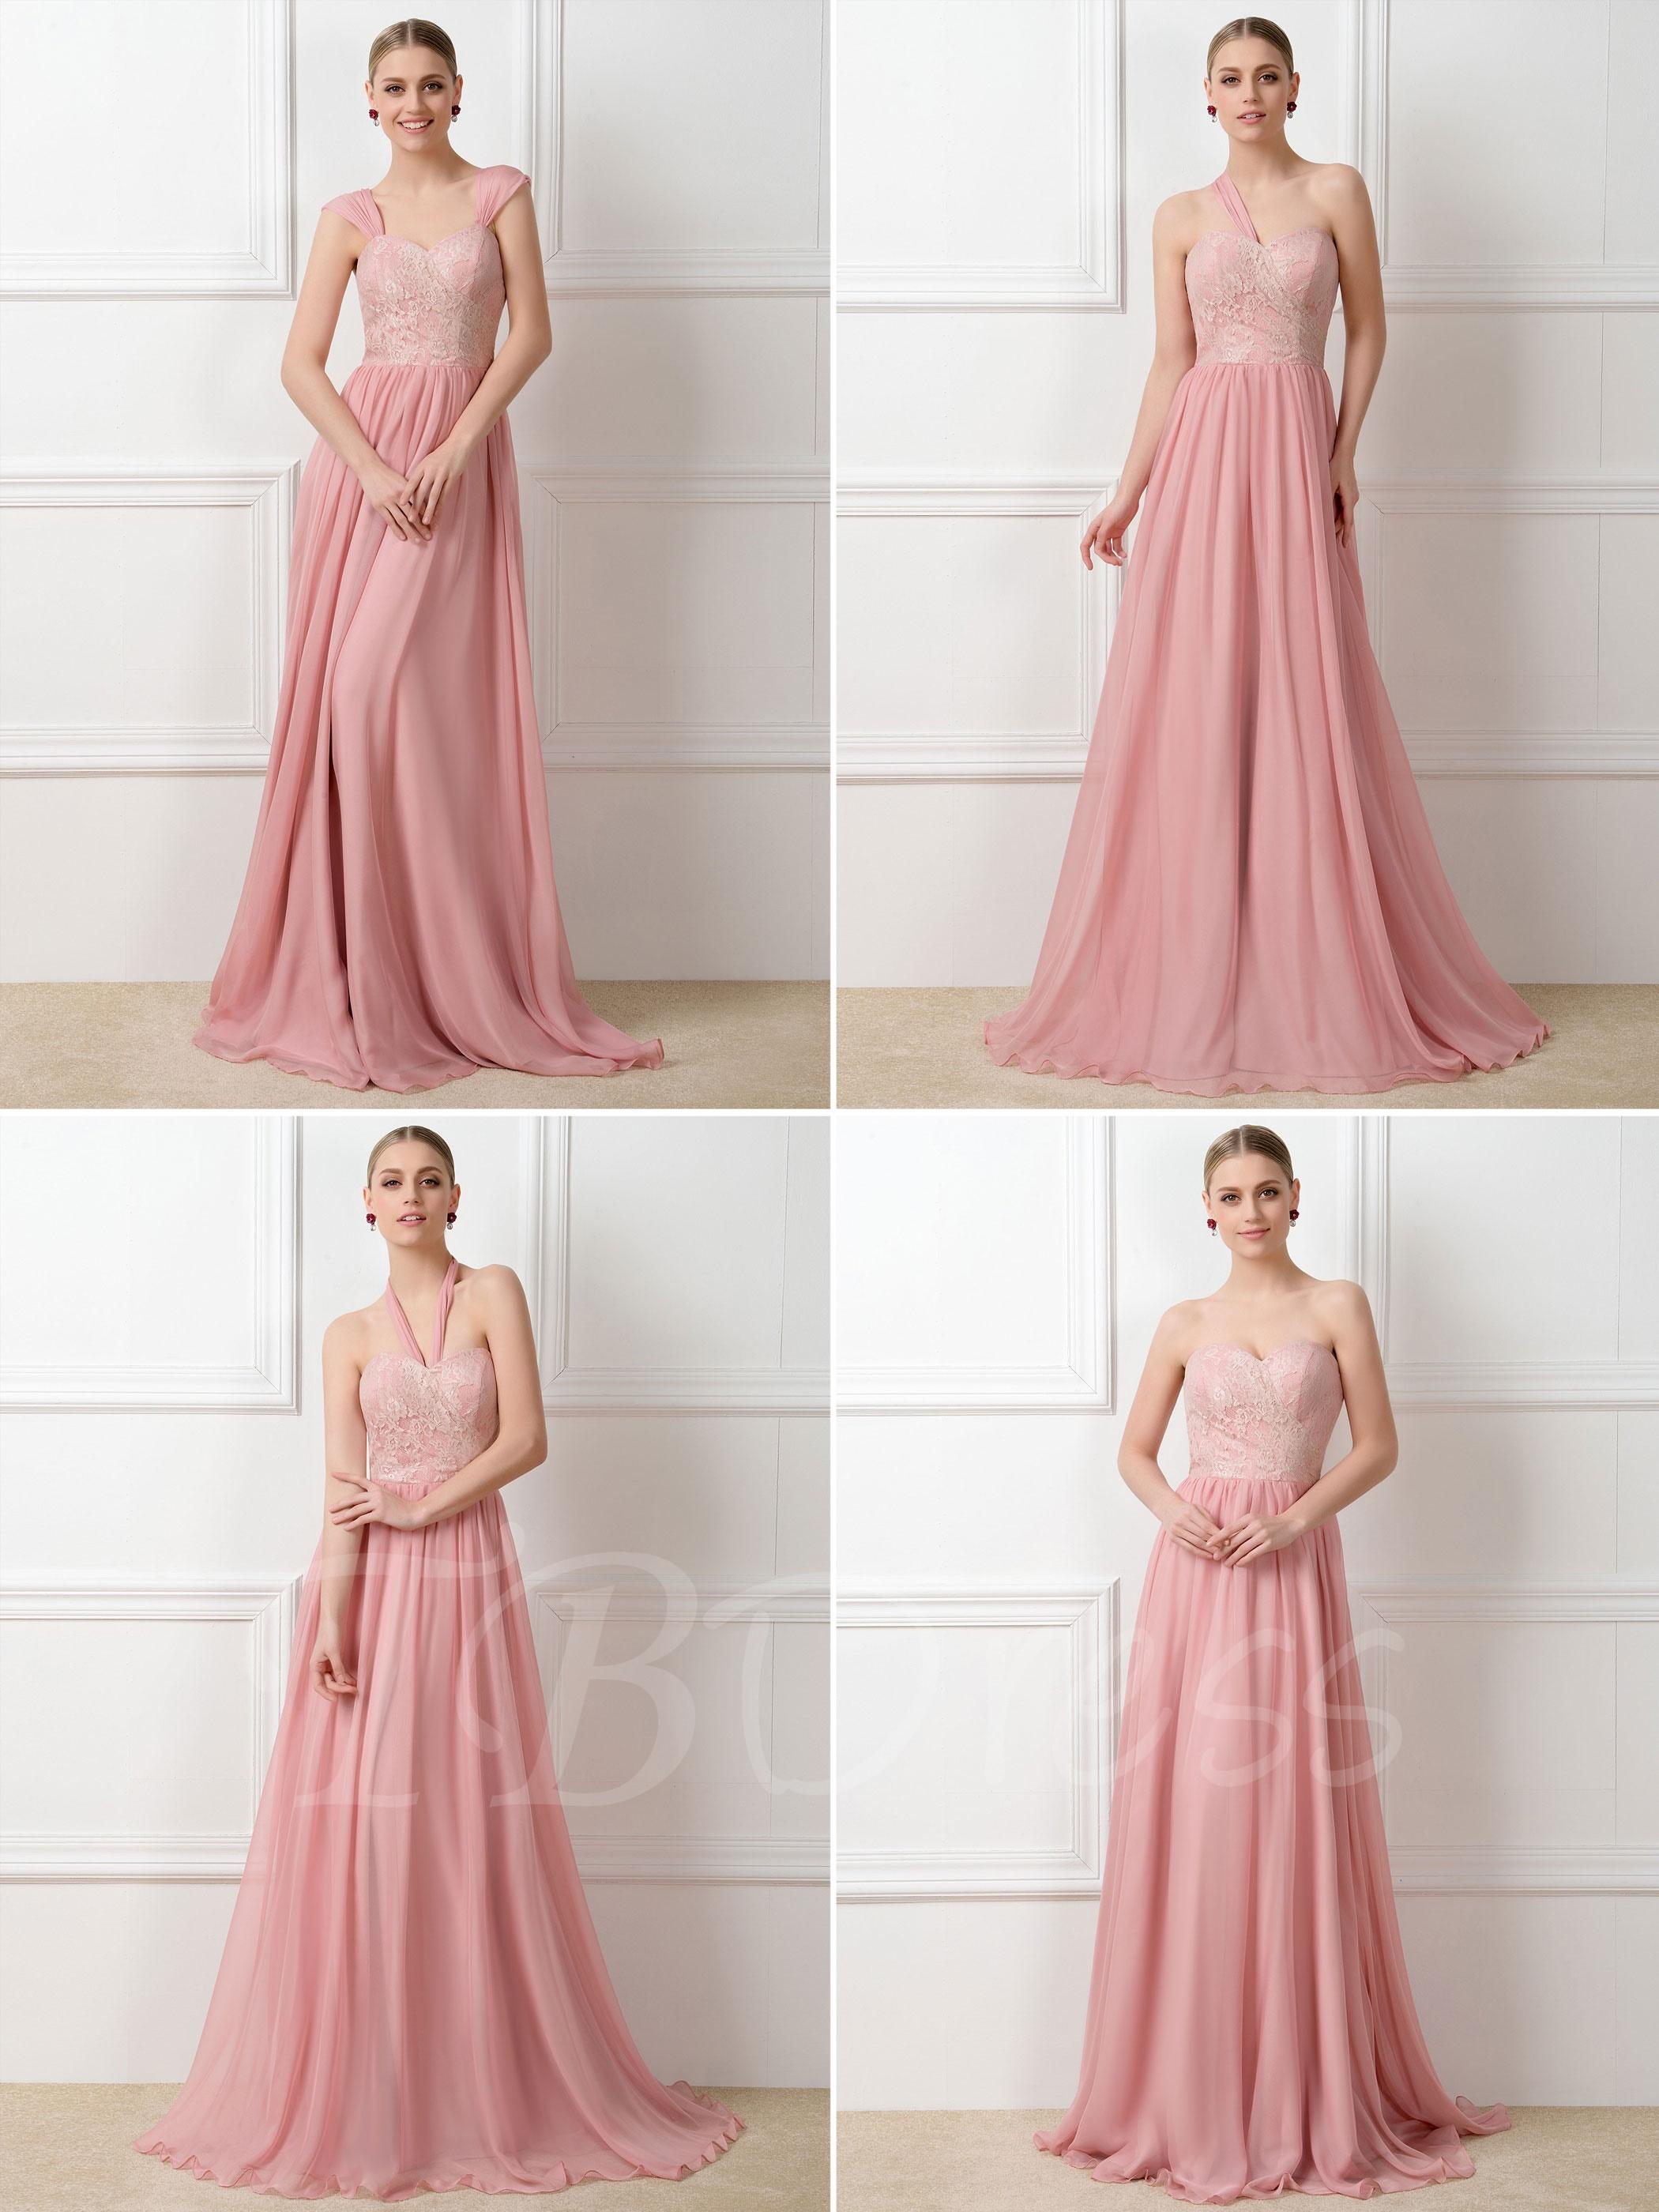 Increíble La Dama De Honor Vestido Festooning - Colección de ...